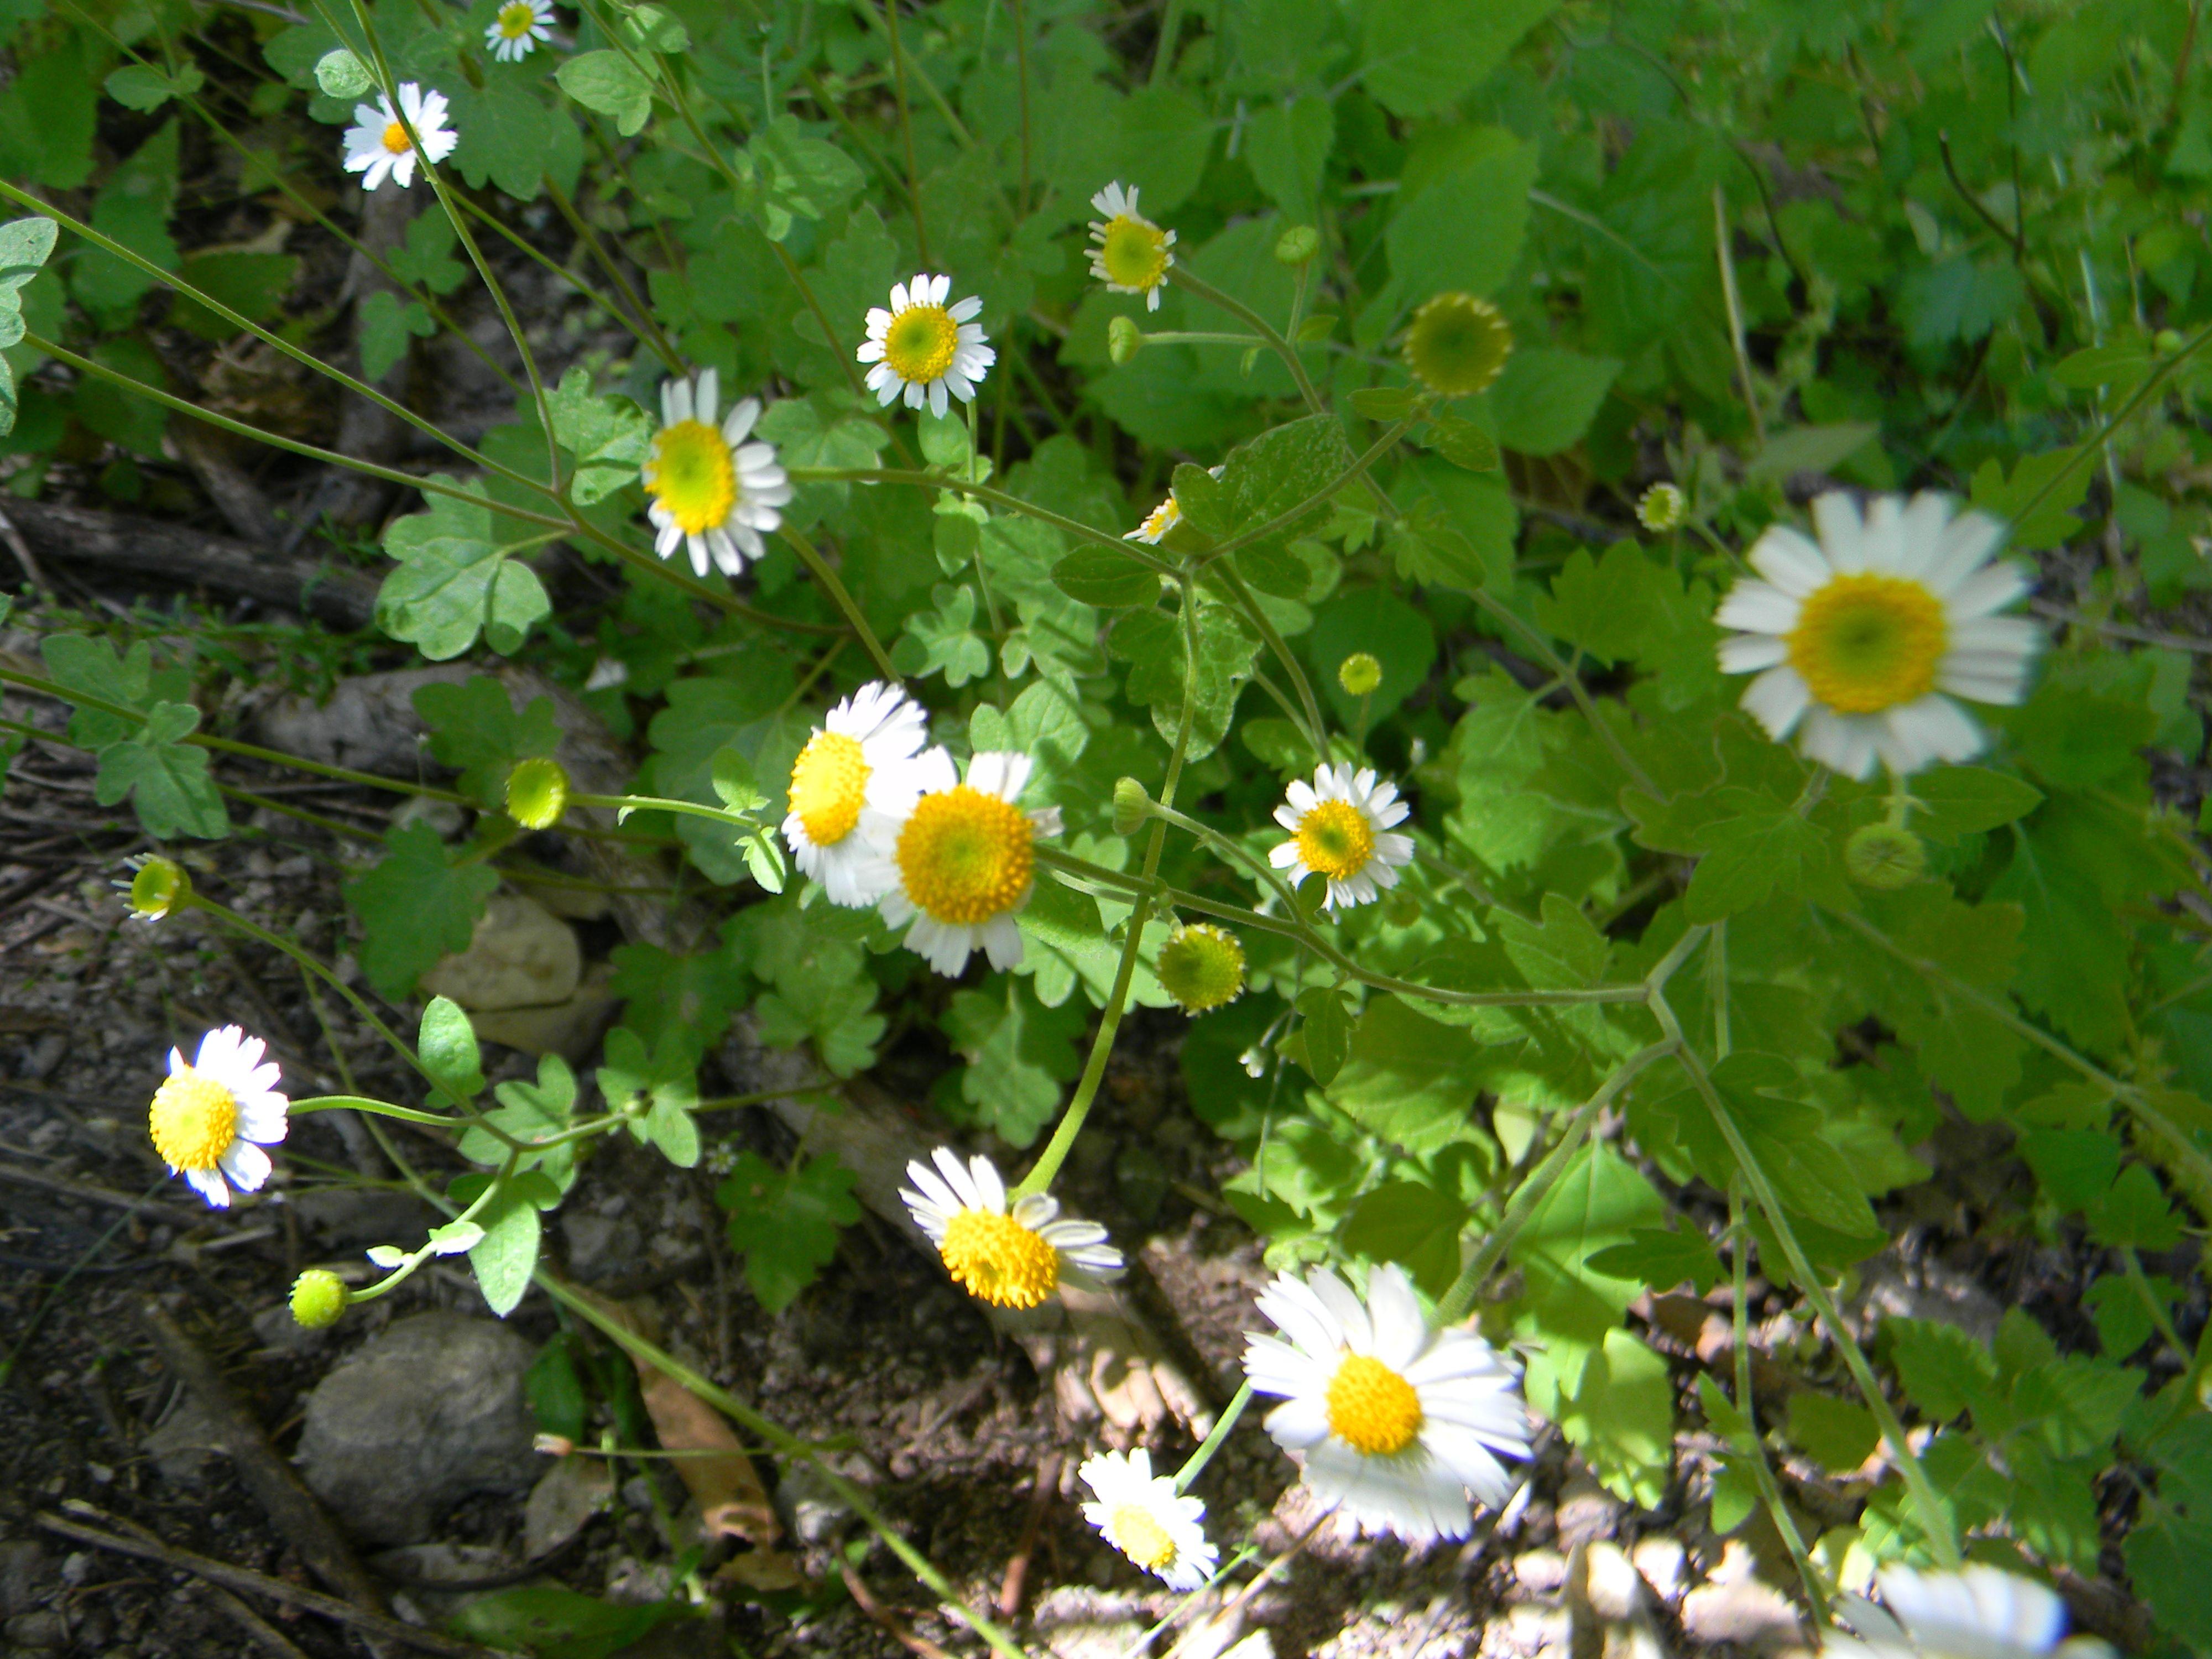 High desert flowers in bloom